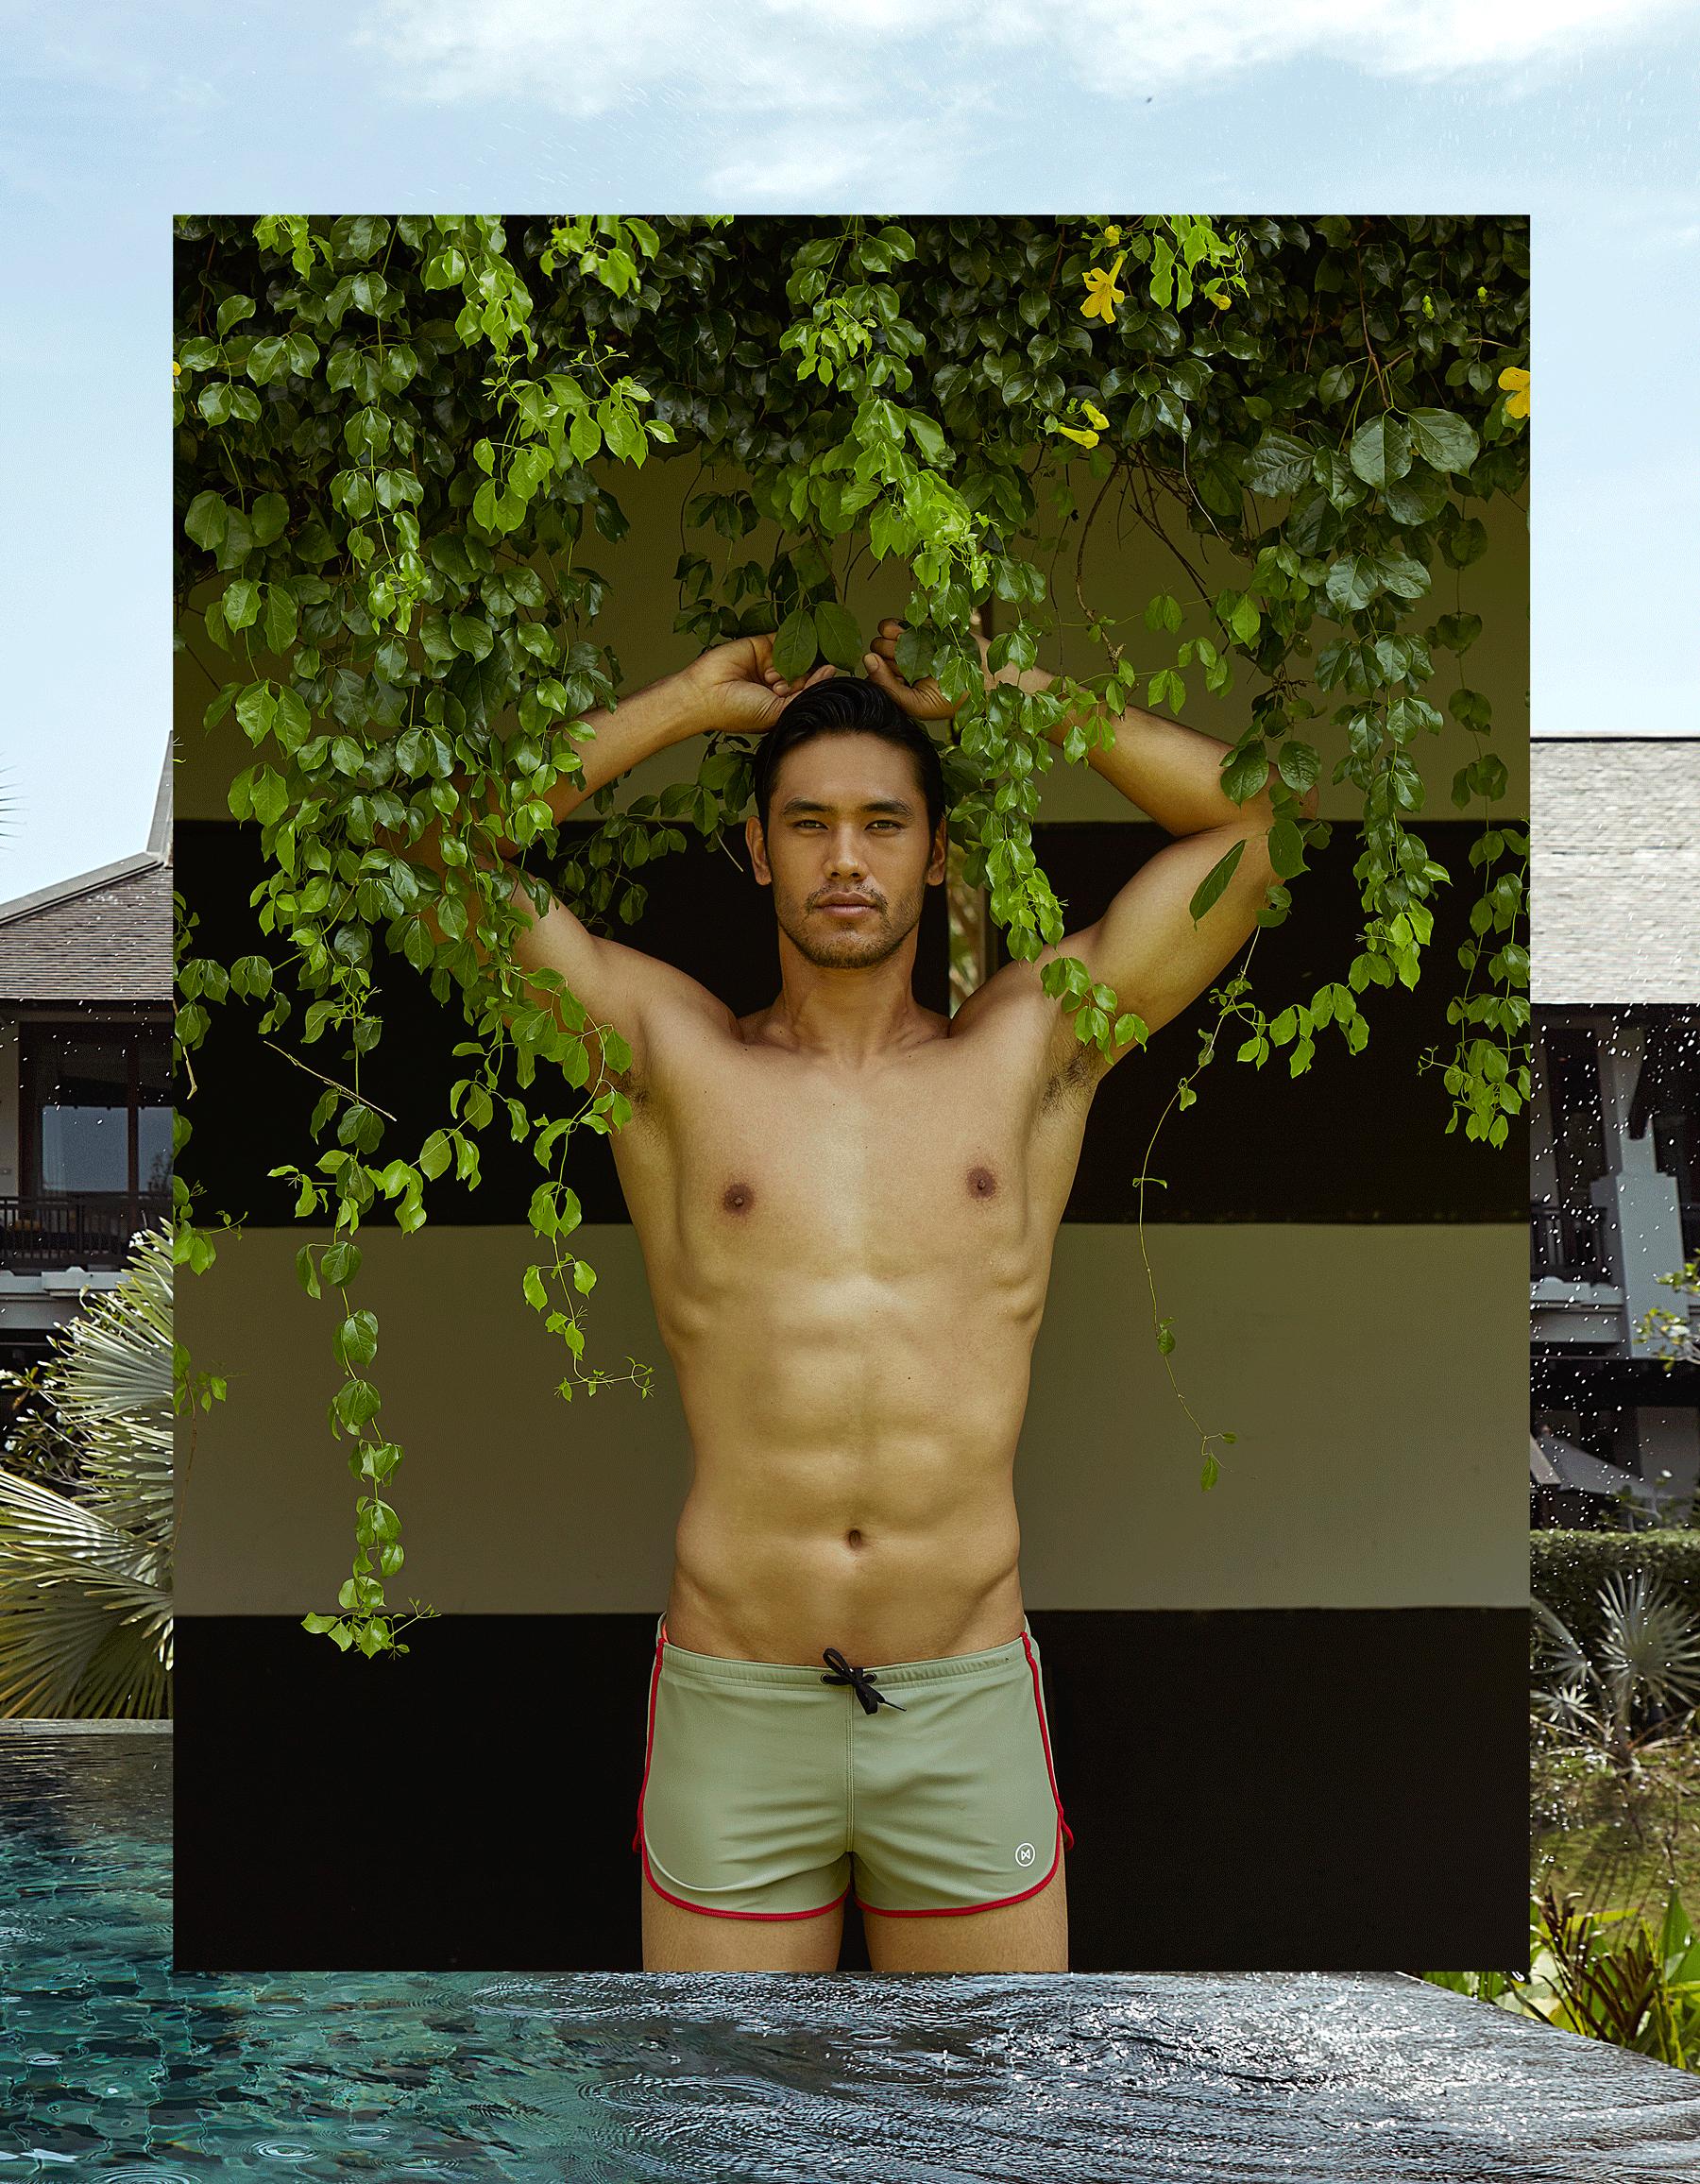 shorts : NOXX